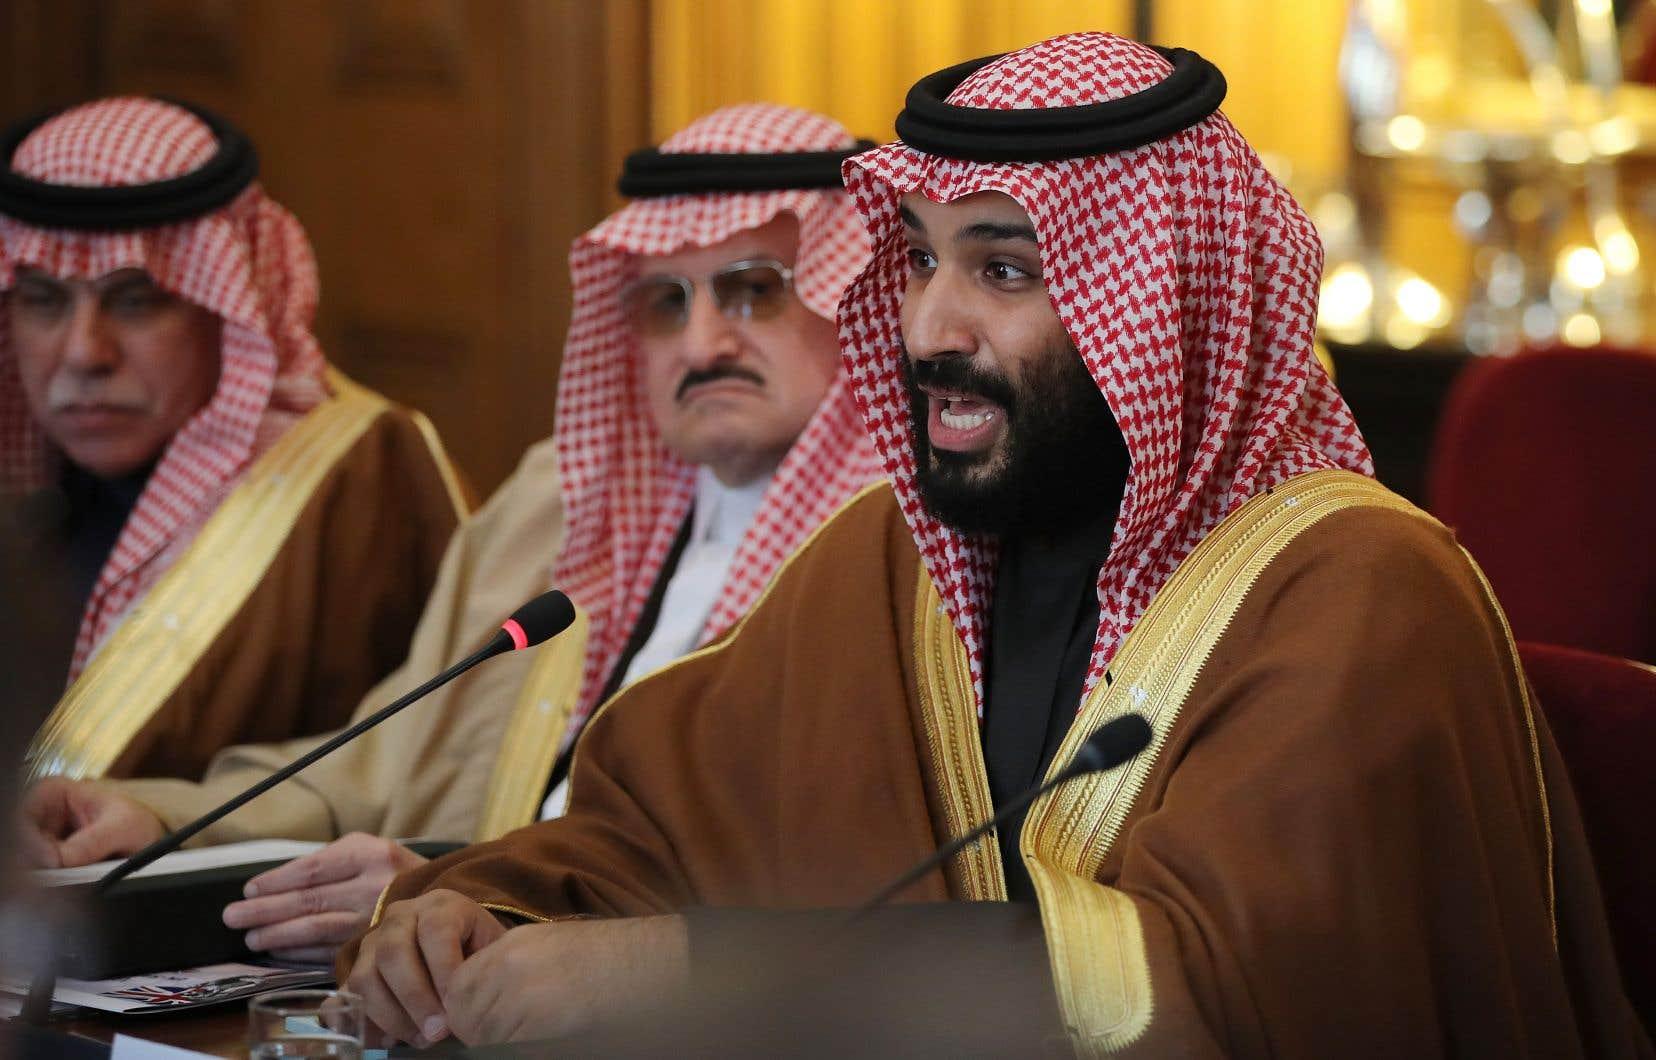 «L'Arabie saoudite ne veut pas se doter d'une arme nucléaire, mais si l'Iran développe une bombe nucléaire, nous suivrons la même voie le plus vite possible», a prévenu le prince héritier saoudien Mohammed ben Salmane.<br />